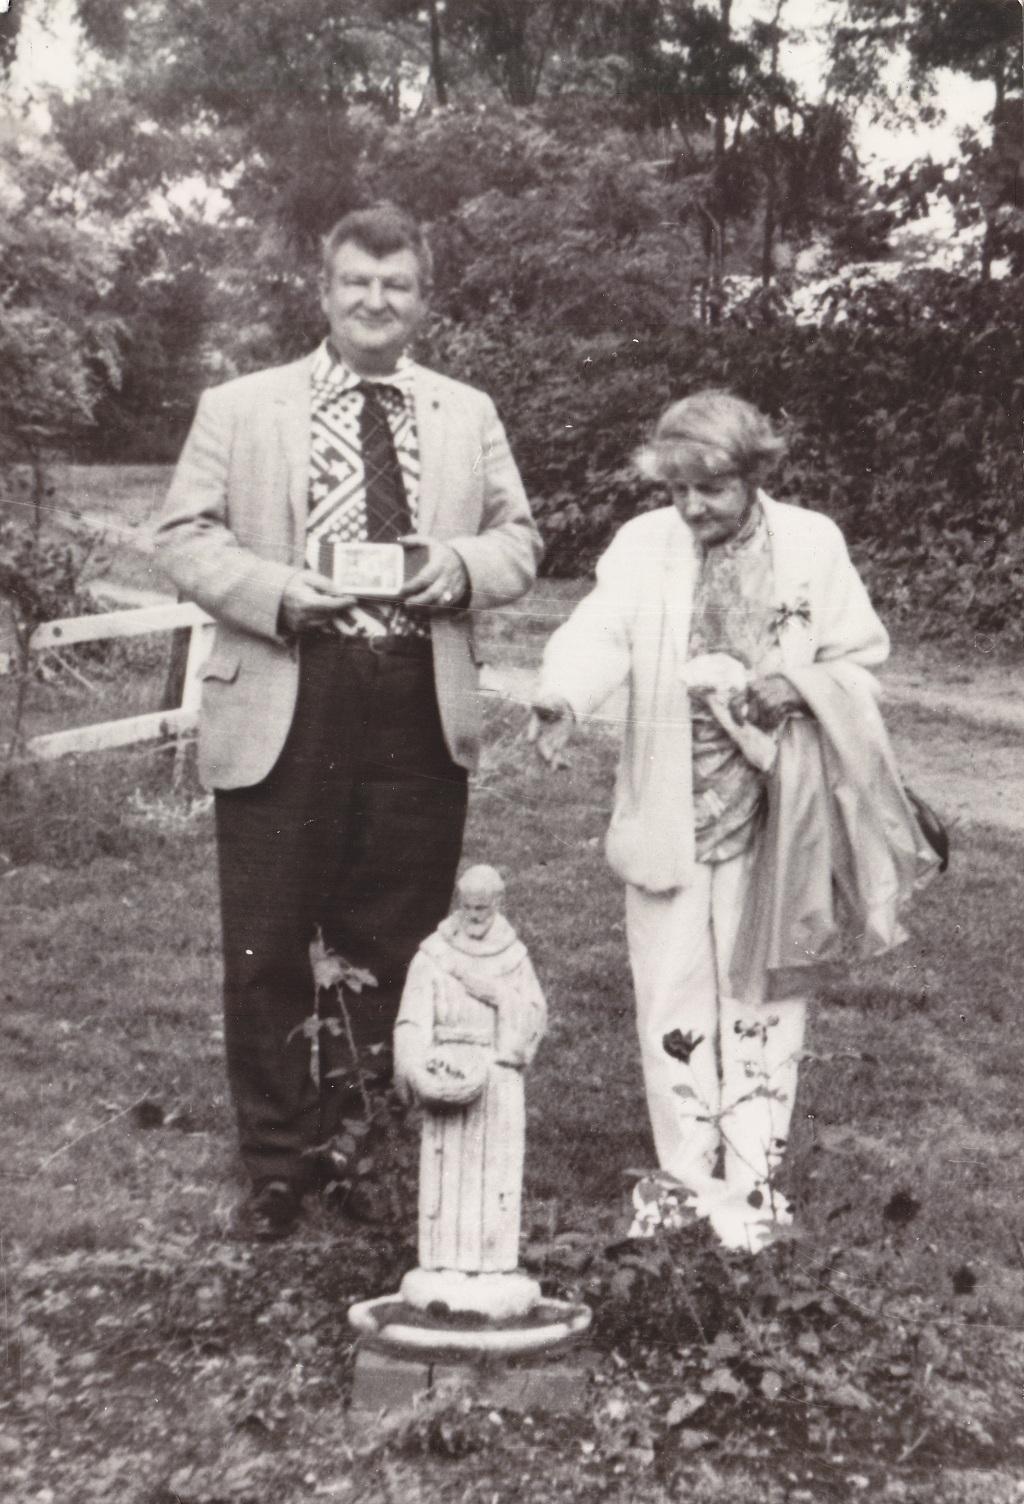 1970. Джек Мэнэхэн и Анастасия